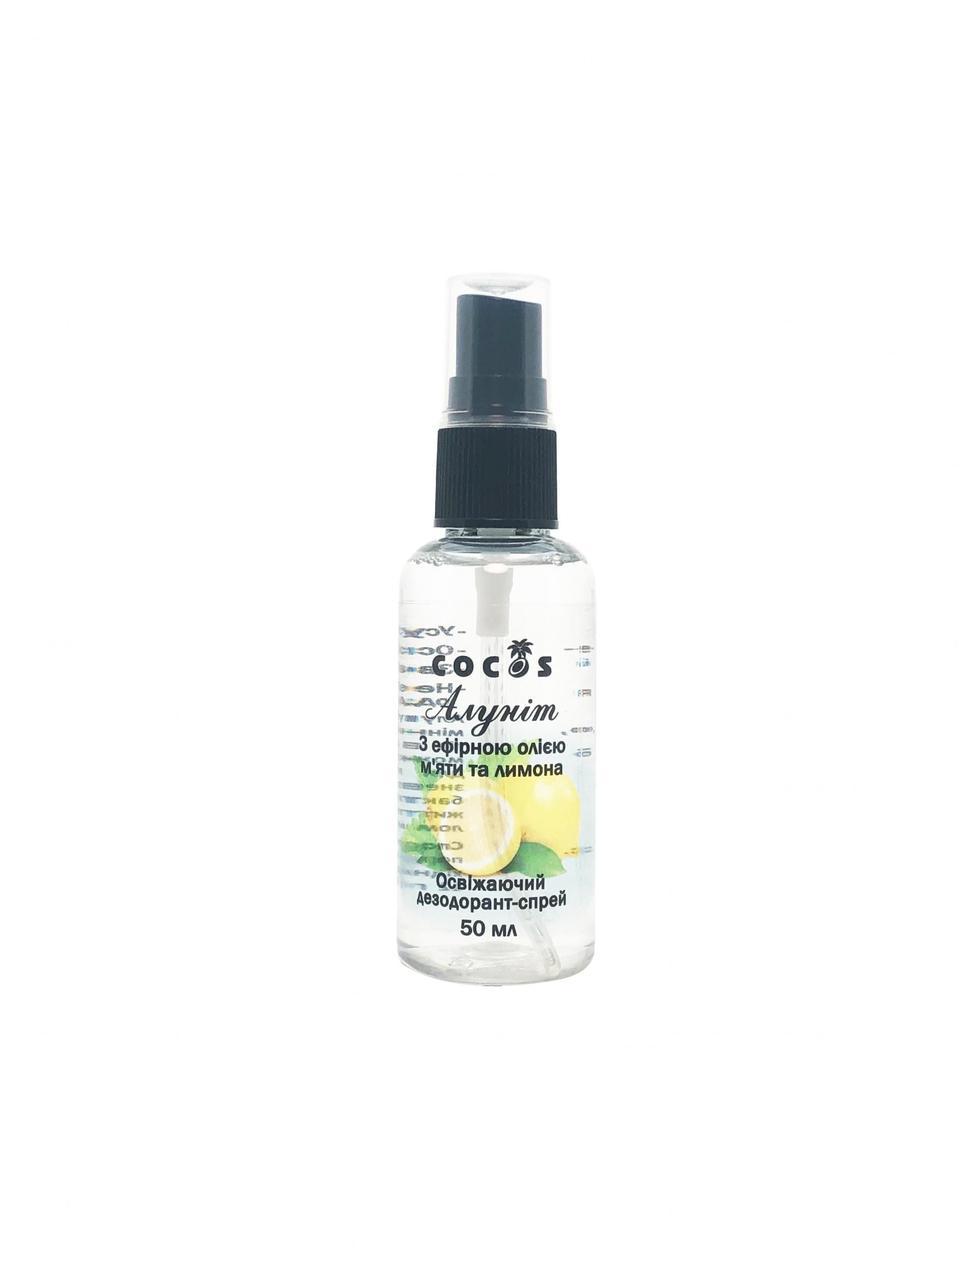 Дезодорант-спрей Алунит с эфирным маслом мяты и лимона, 50 мл, Кокос